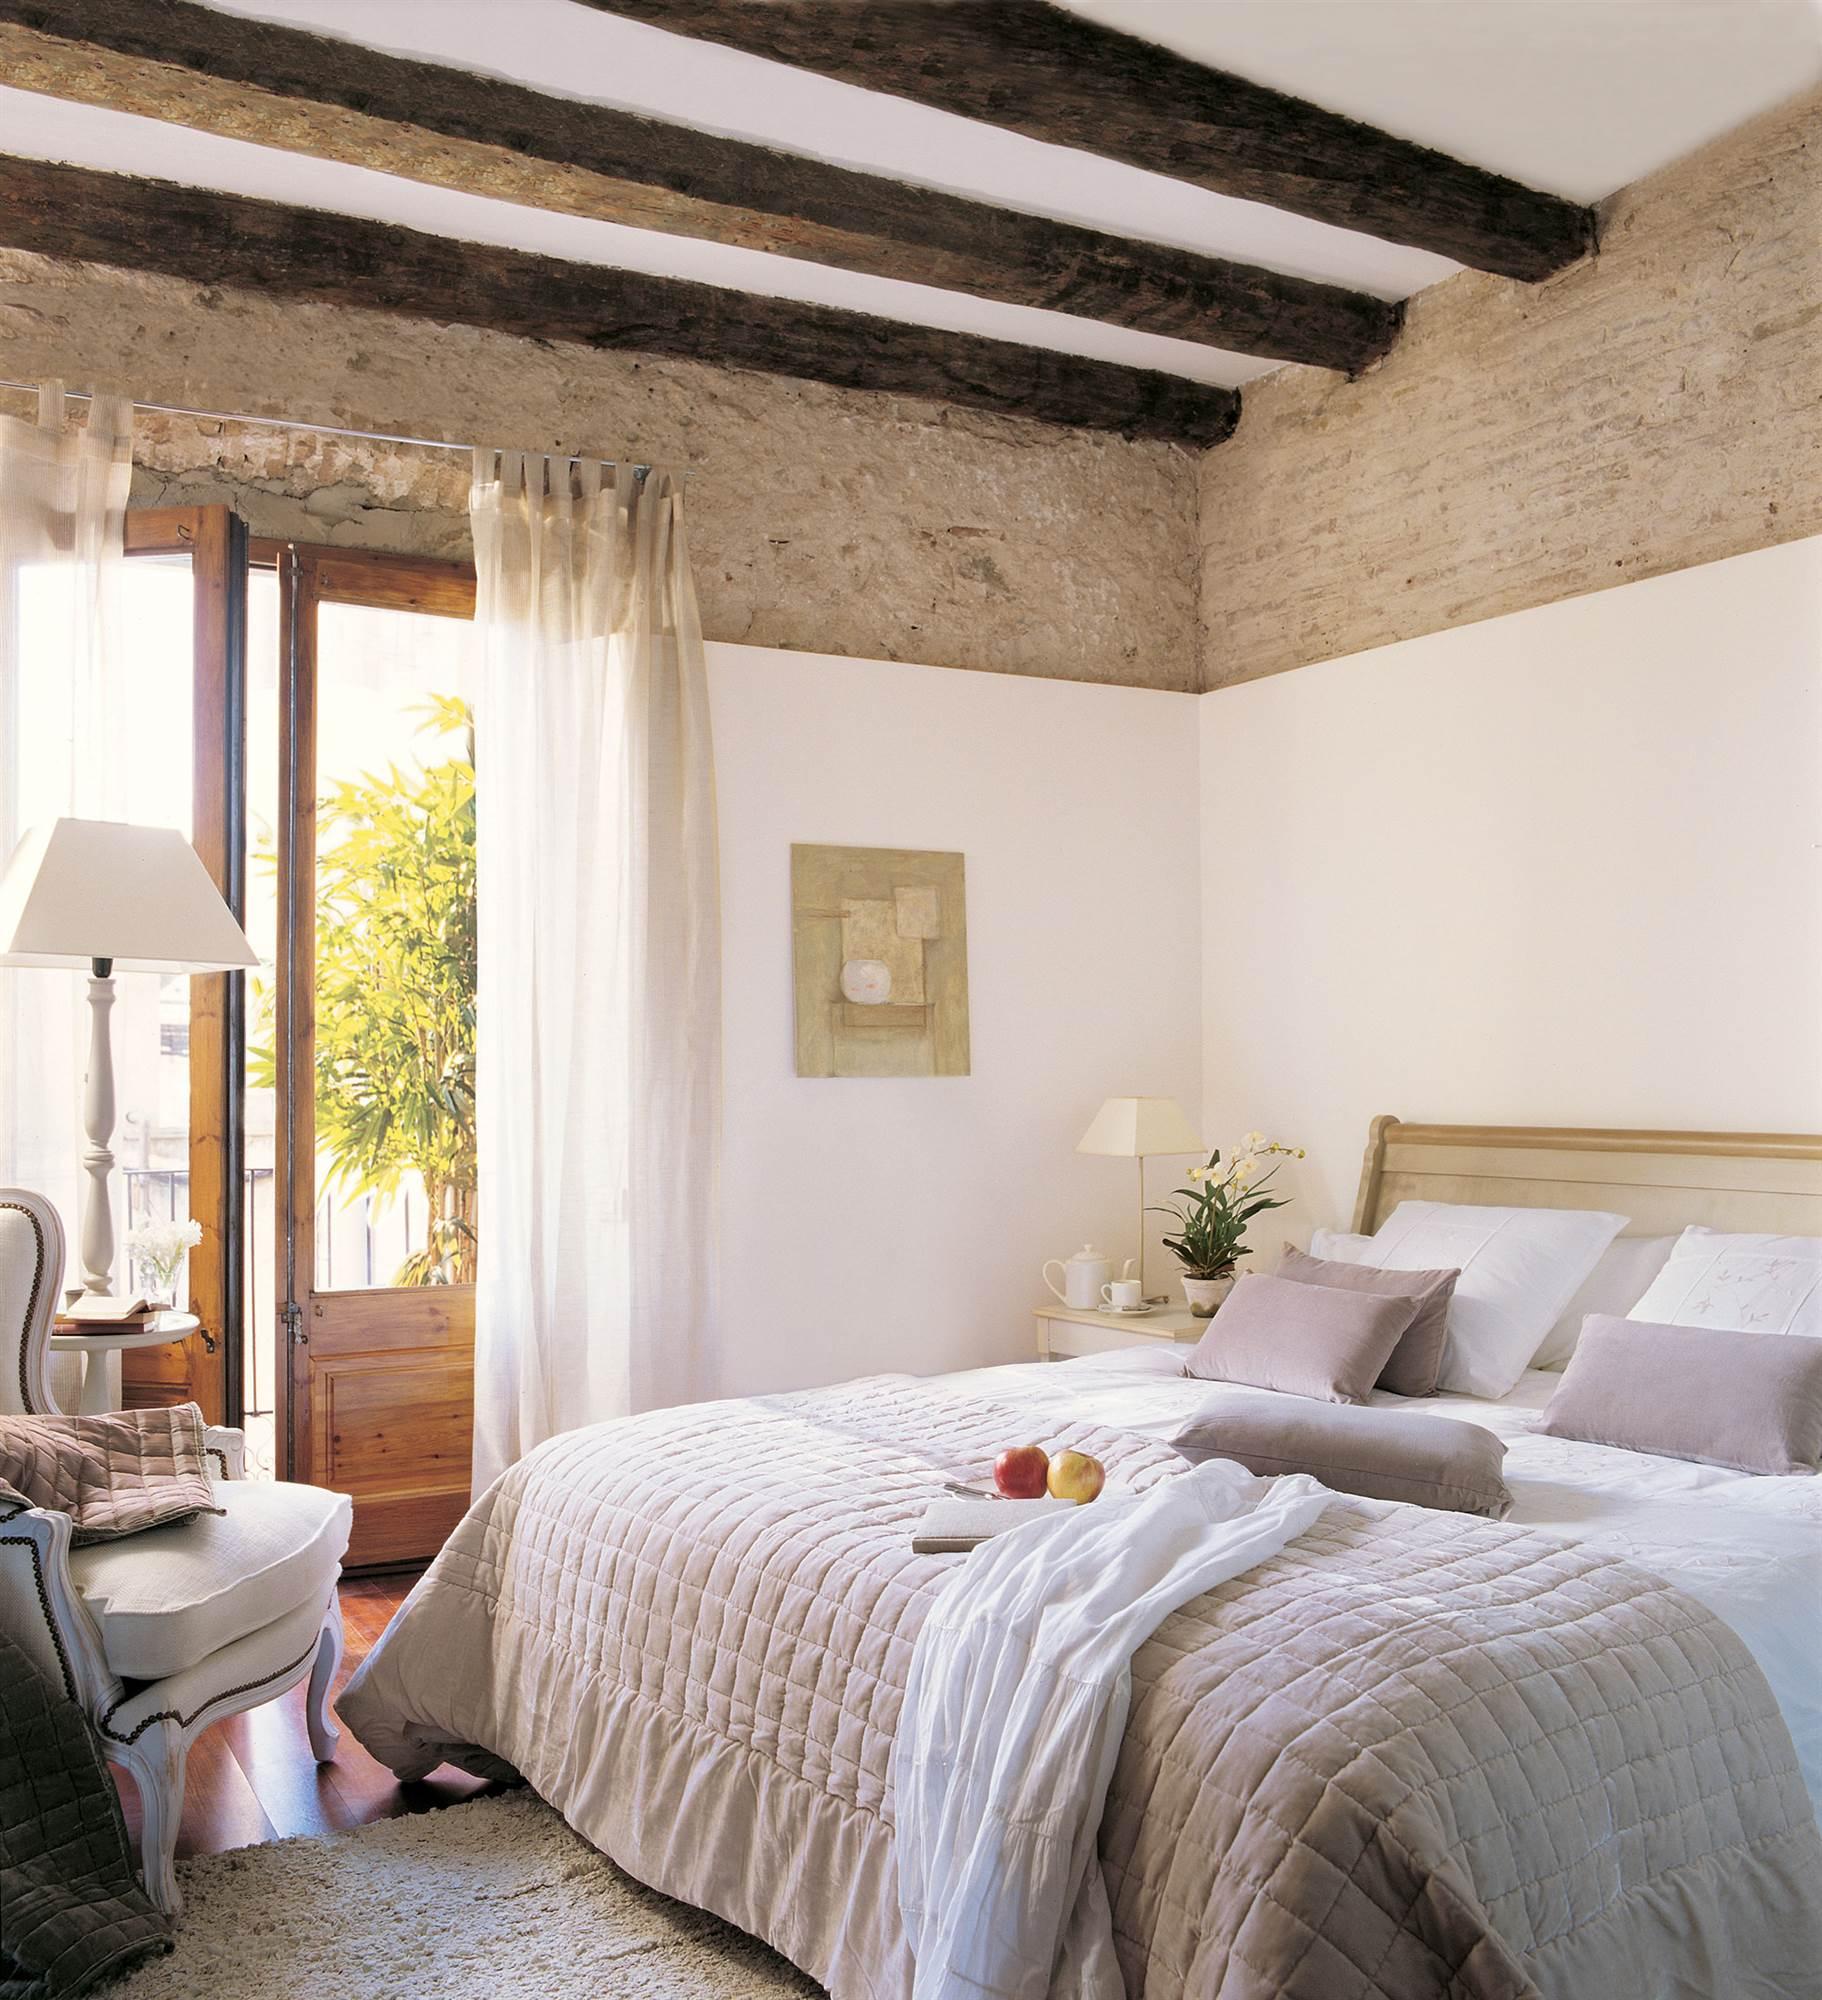 Vigas decorativas c mo integrarlas en la decoraci n for Dormitorio blanco y madera